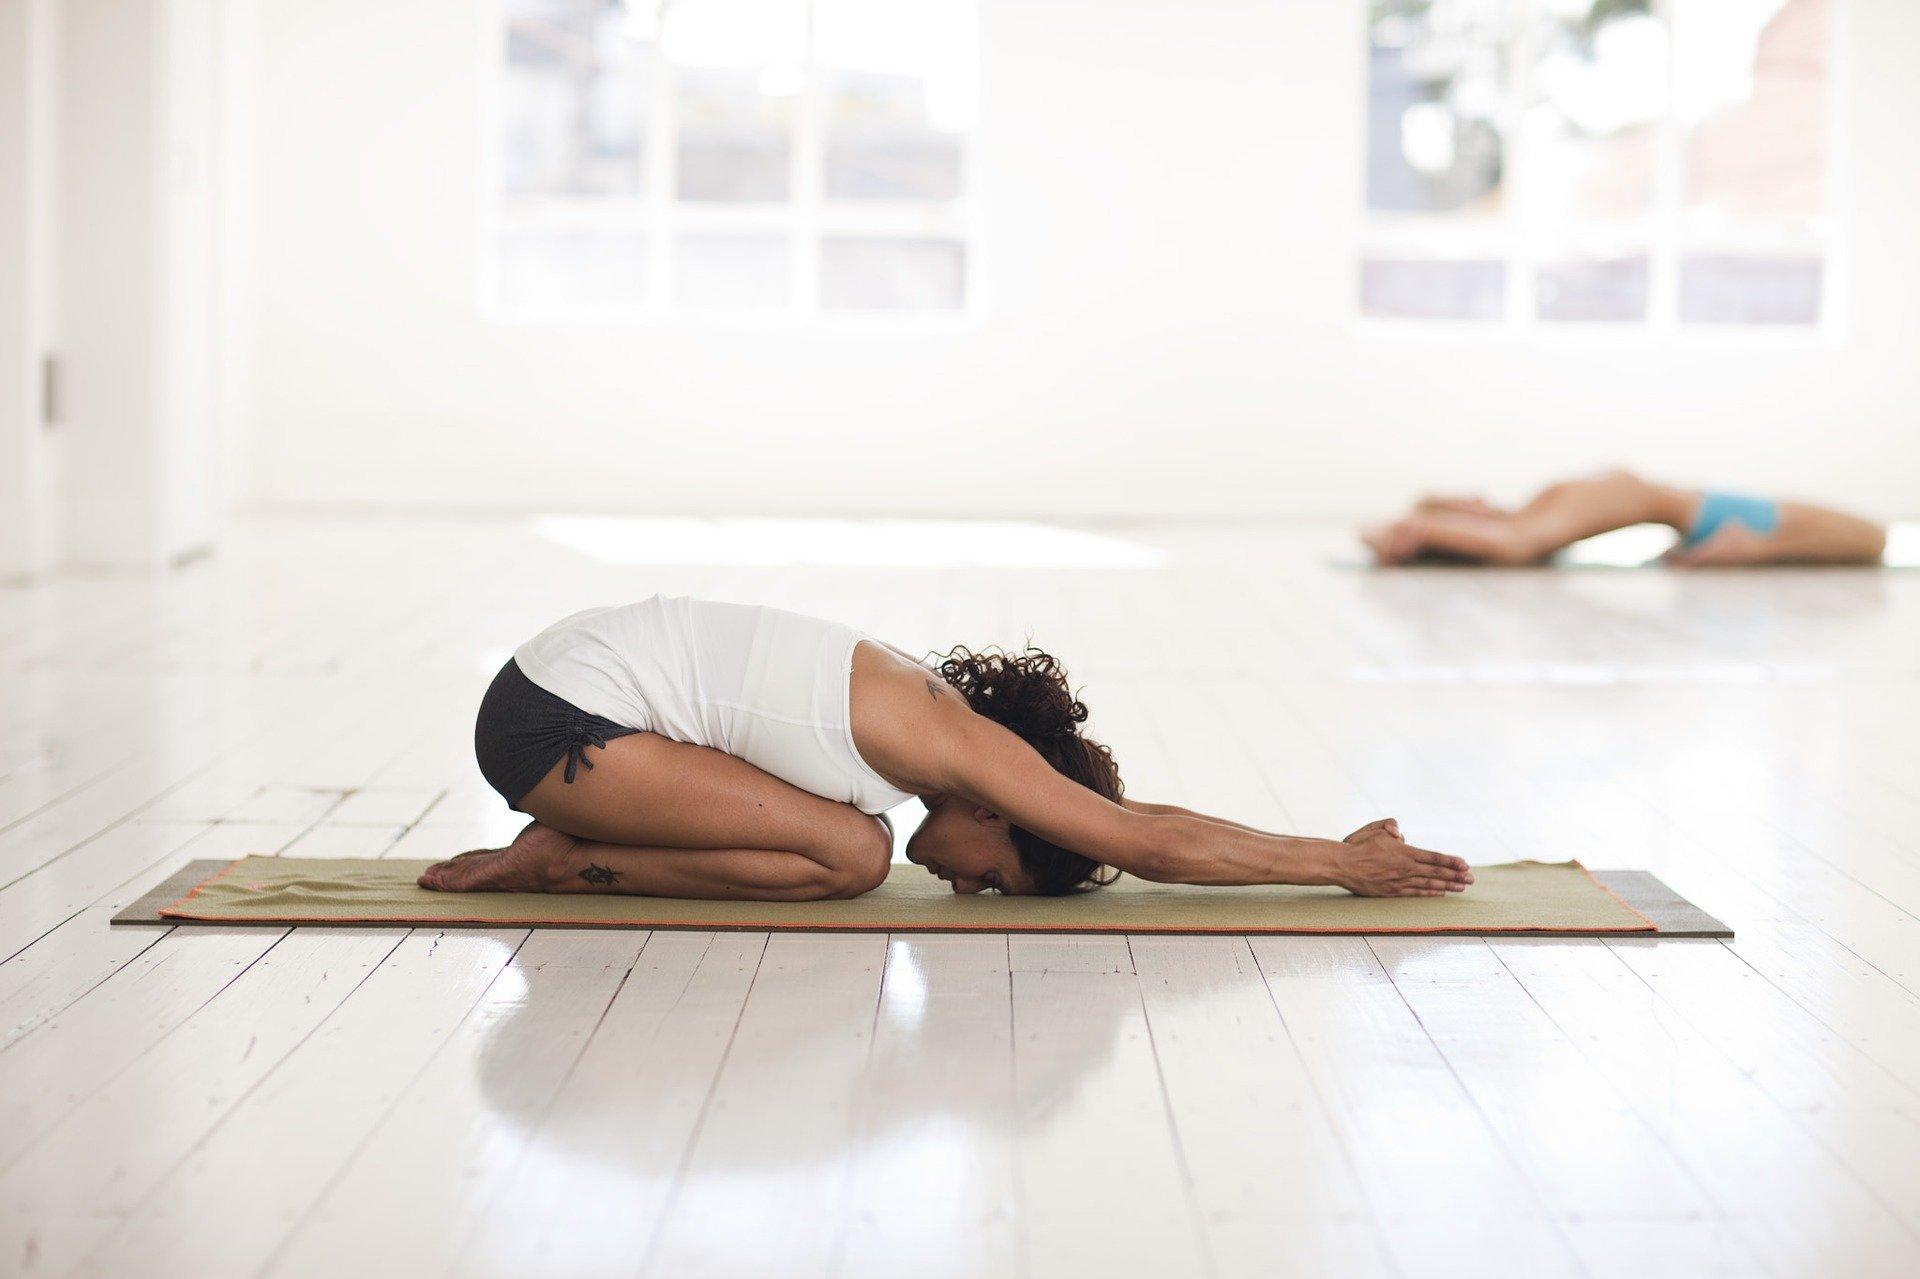 Comment décoincer le nerf sciatique grâce au yoga?